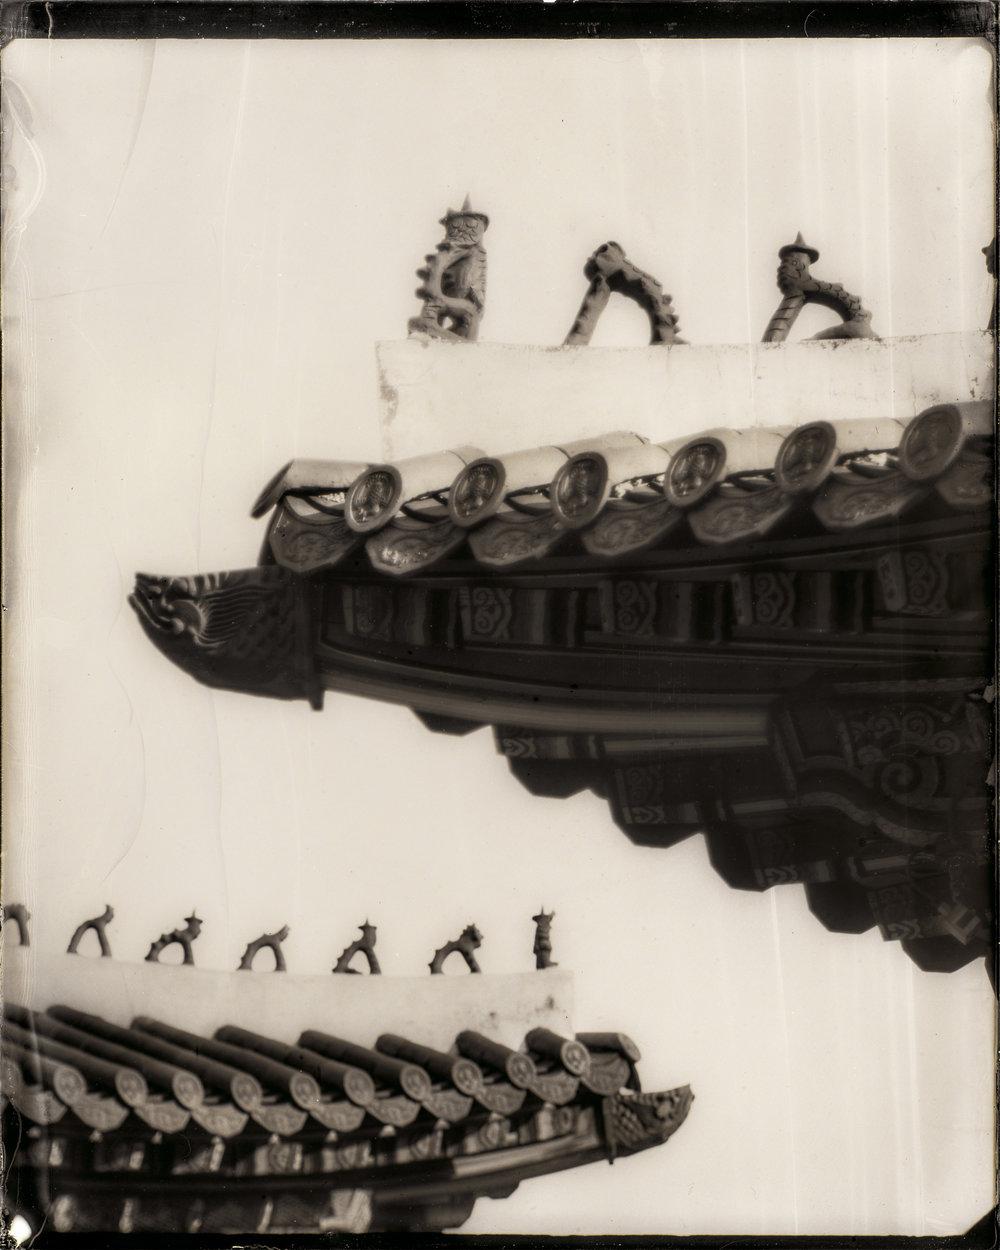 韓国-ソウル-景福宮  대한민국-서울-경복궁  South Korea-Seoul-Gyeongbok Palace